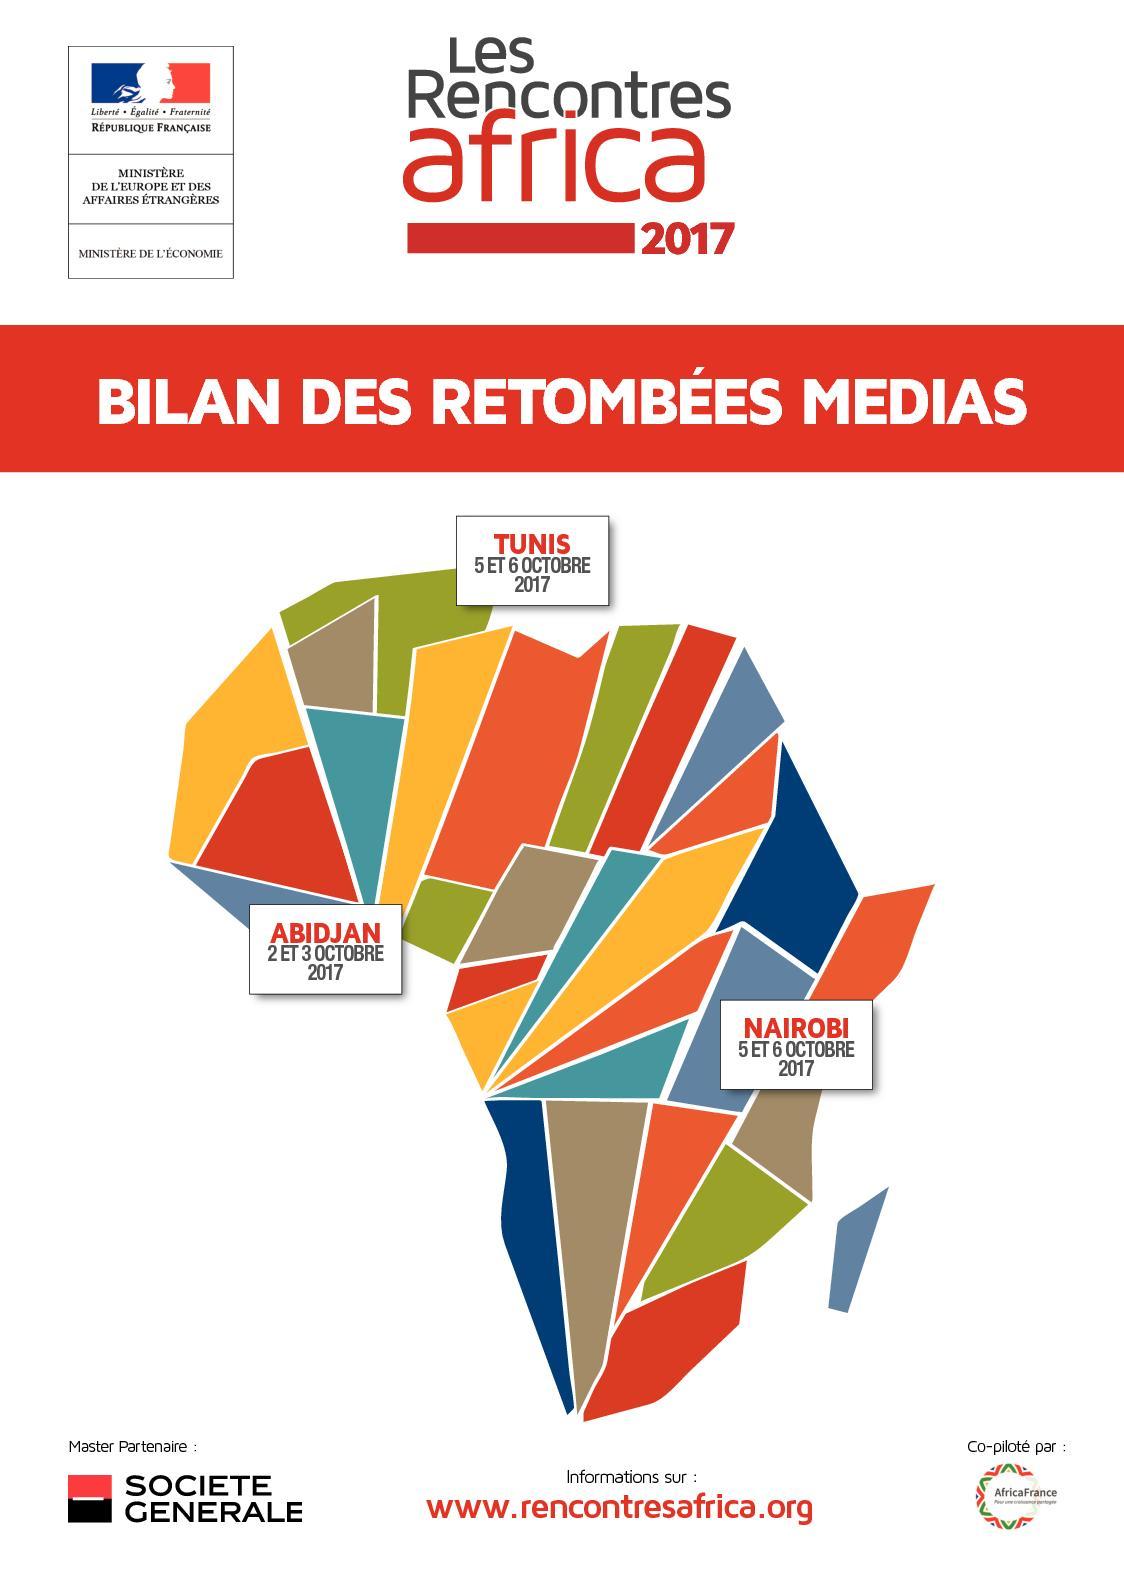 Calaméo - Book Media Rencontres Africa 2017 e10c6812a14